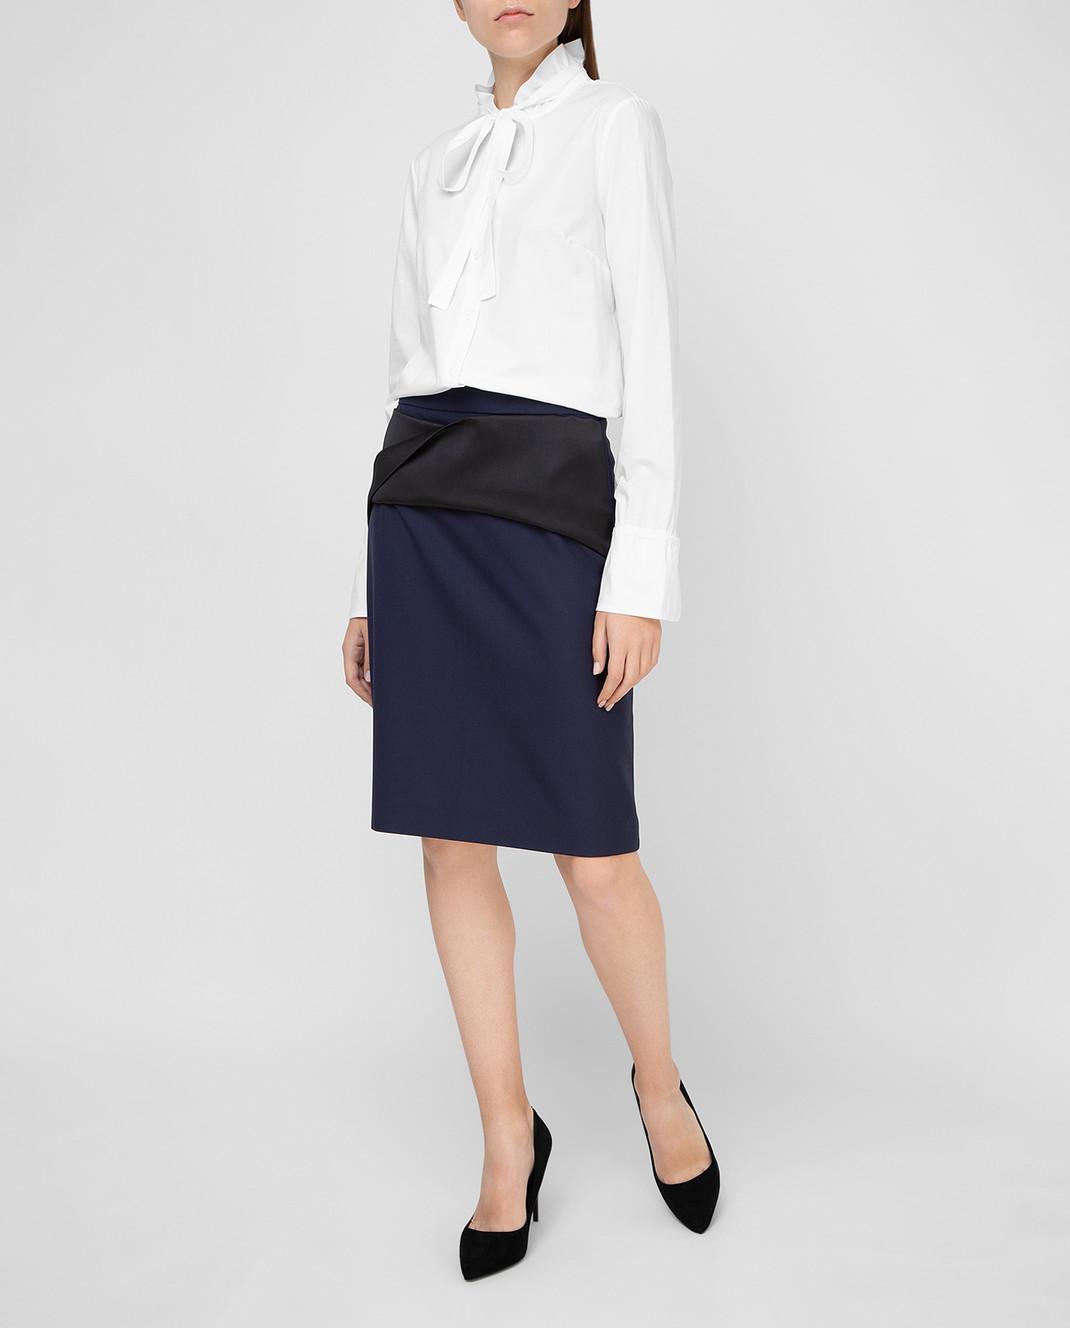 Balenciaga Темно-синяя юбка 373614 изображение 2